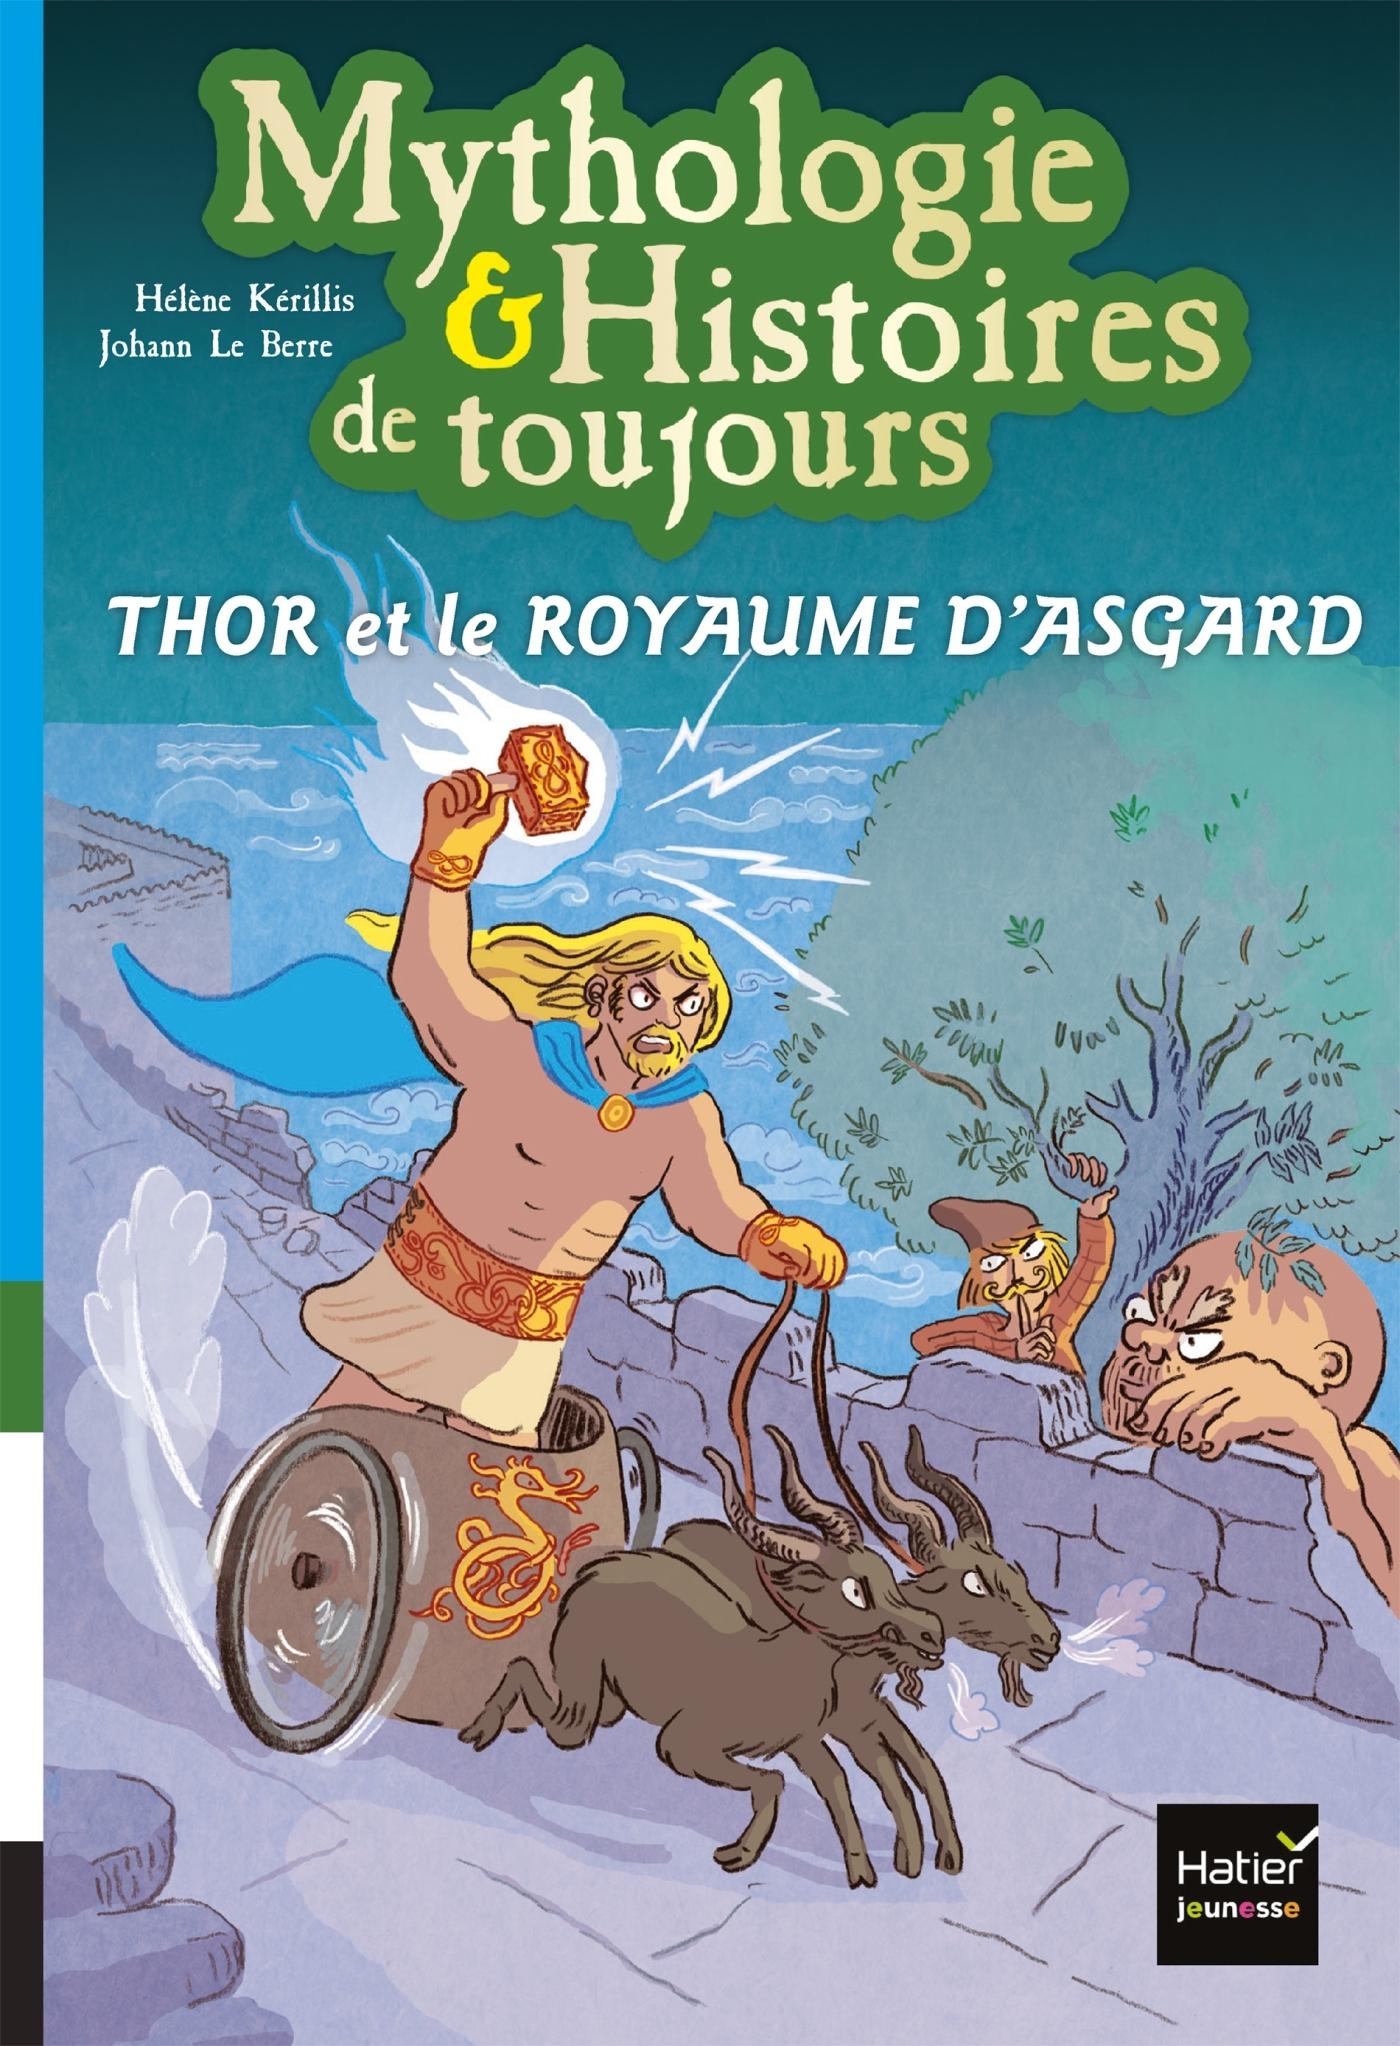 MYTHOLOGIE & HISTOIRES DE TOUJOURS - T10 - THOR ET LE ROYAUME D'ASGARD